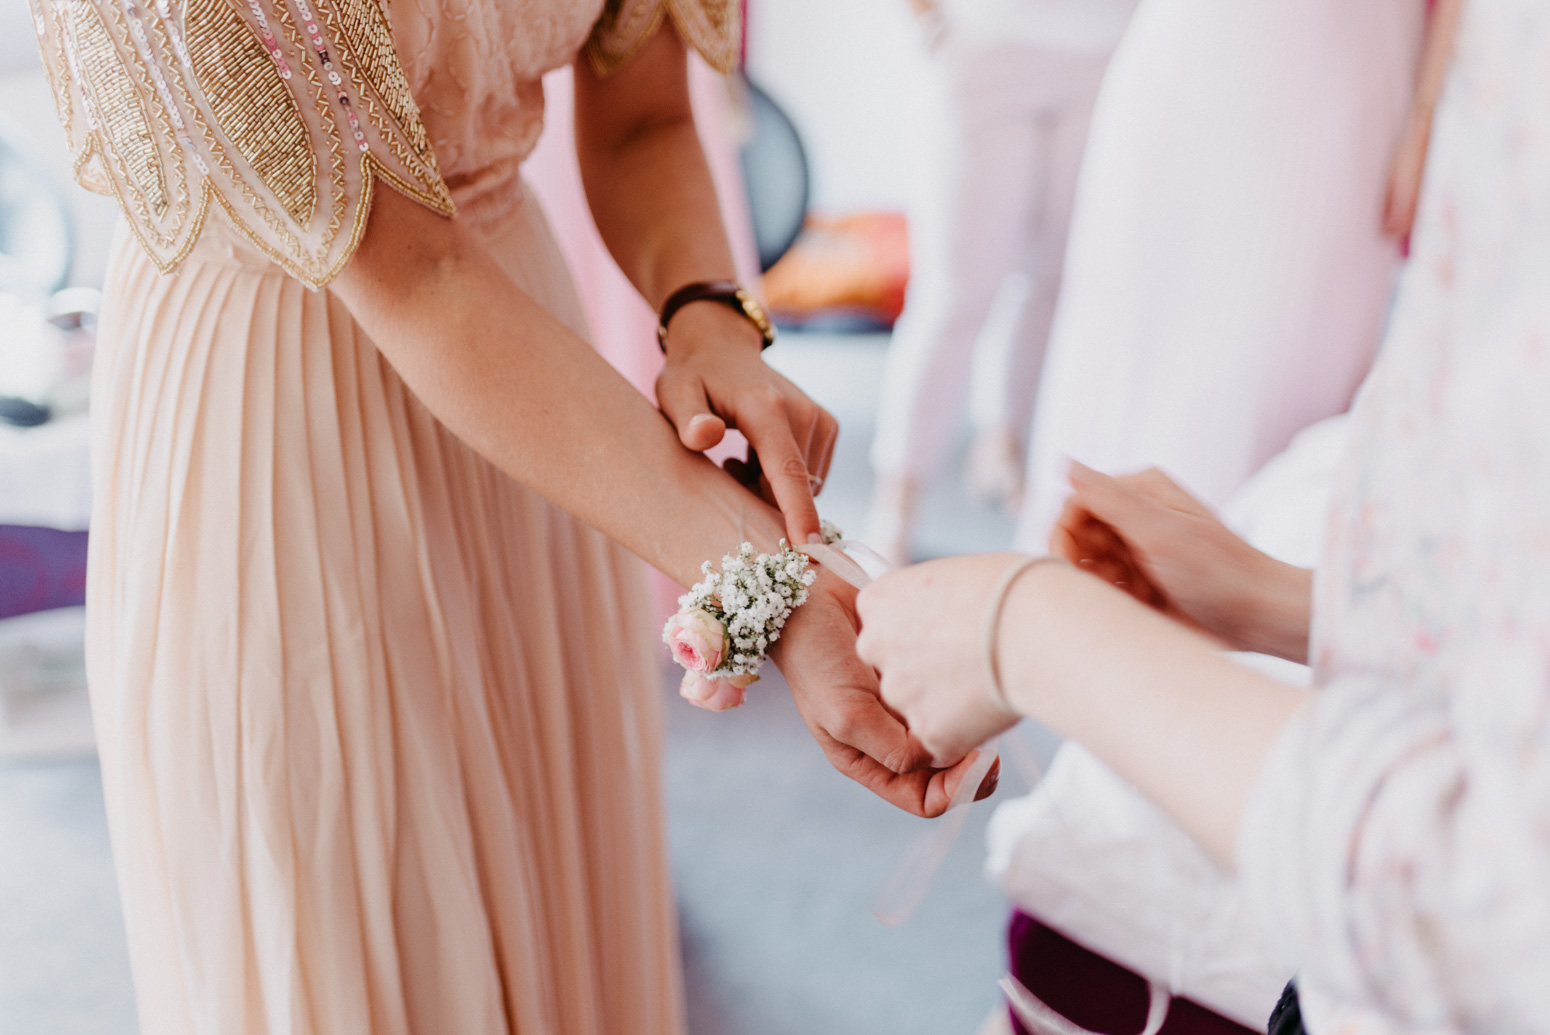 Braut bindet ihrer Trauzeugin ein Blumenarband um. Hochzeitsfotografin Daria Becker von Genuine Bonds aus Bonn